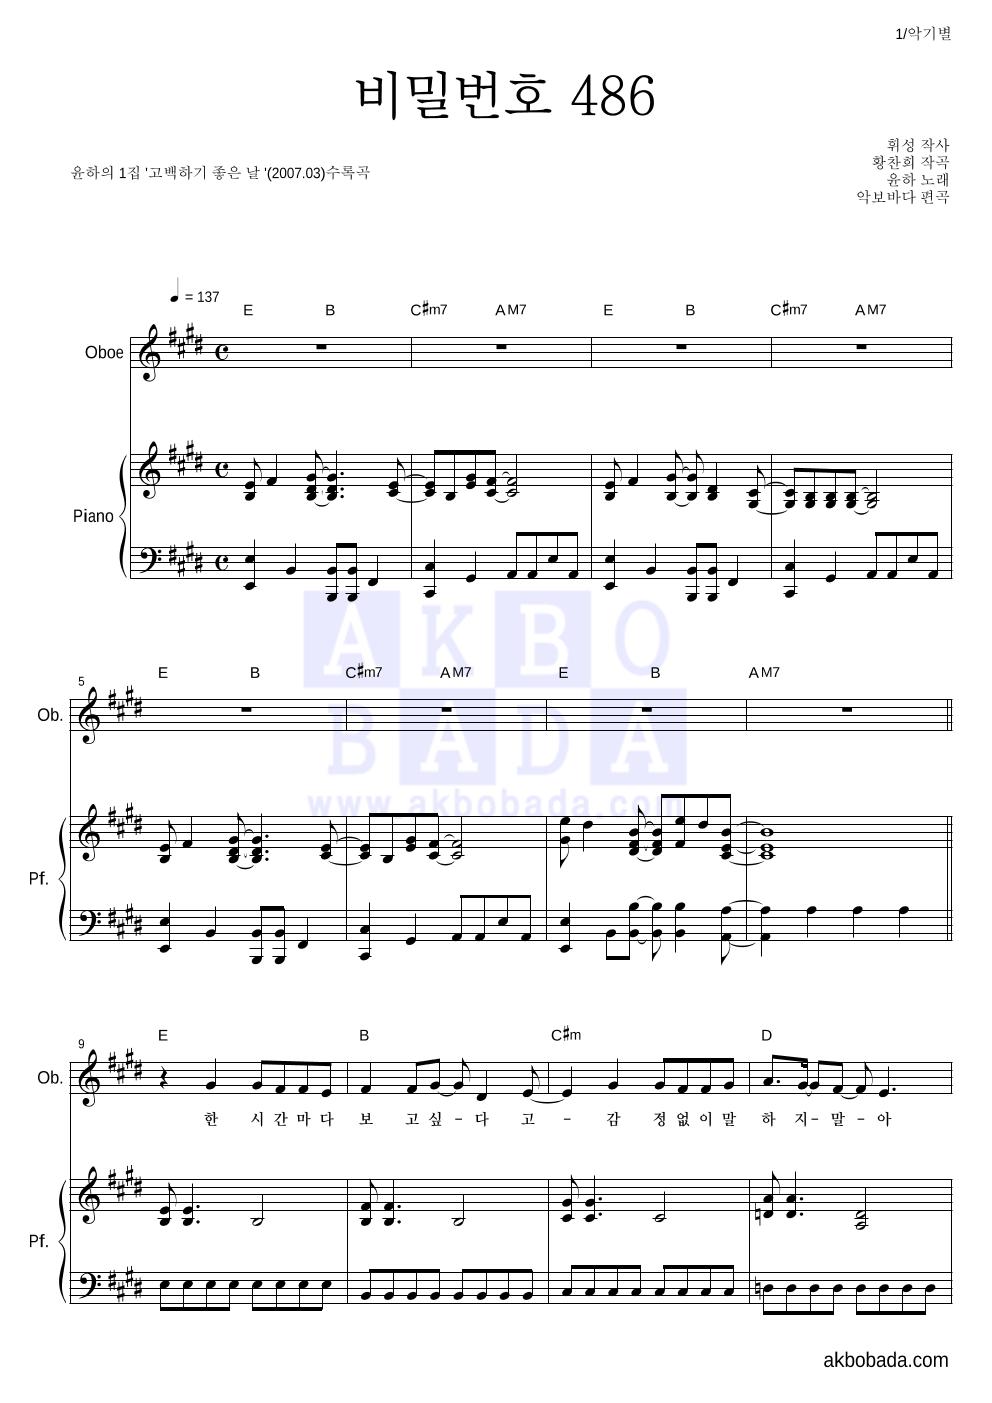 윤하 - 비밀번호 486 오보에&피아노 악보